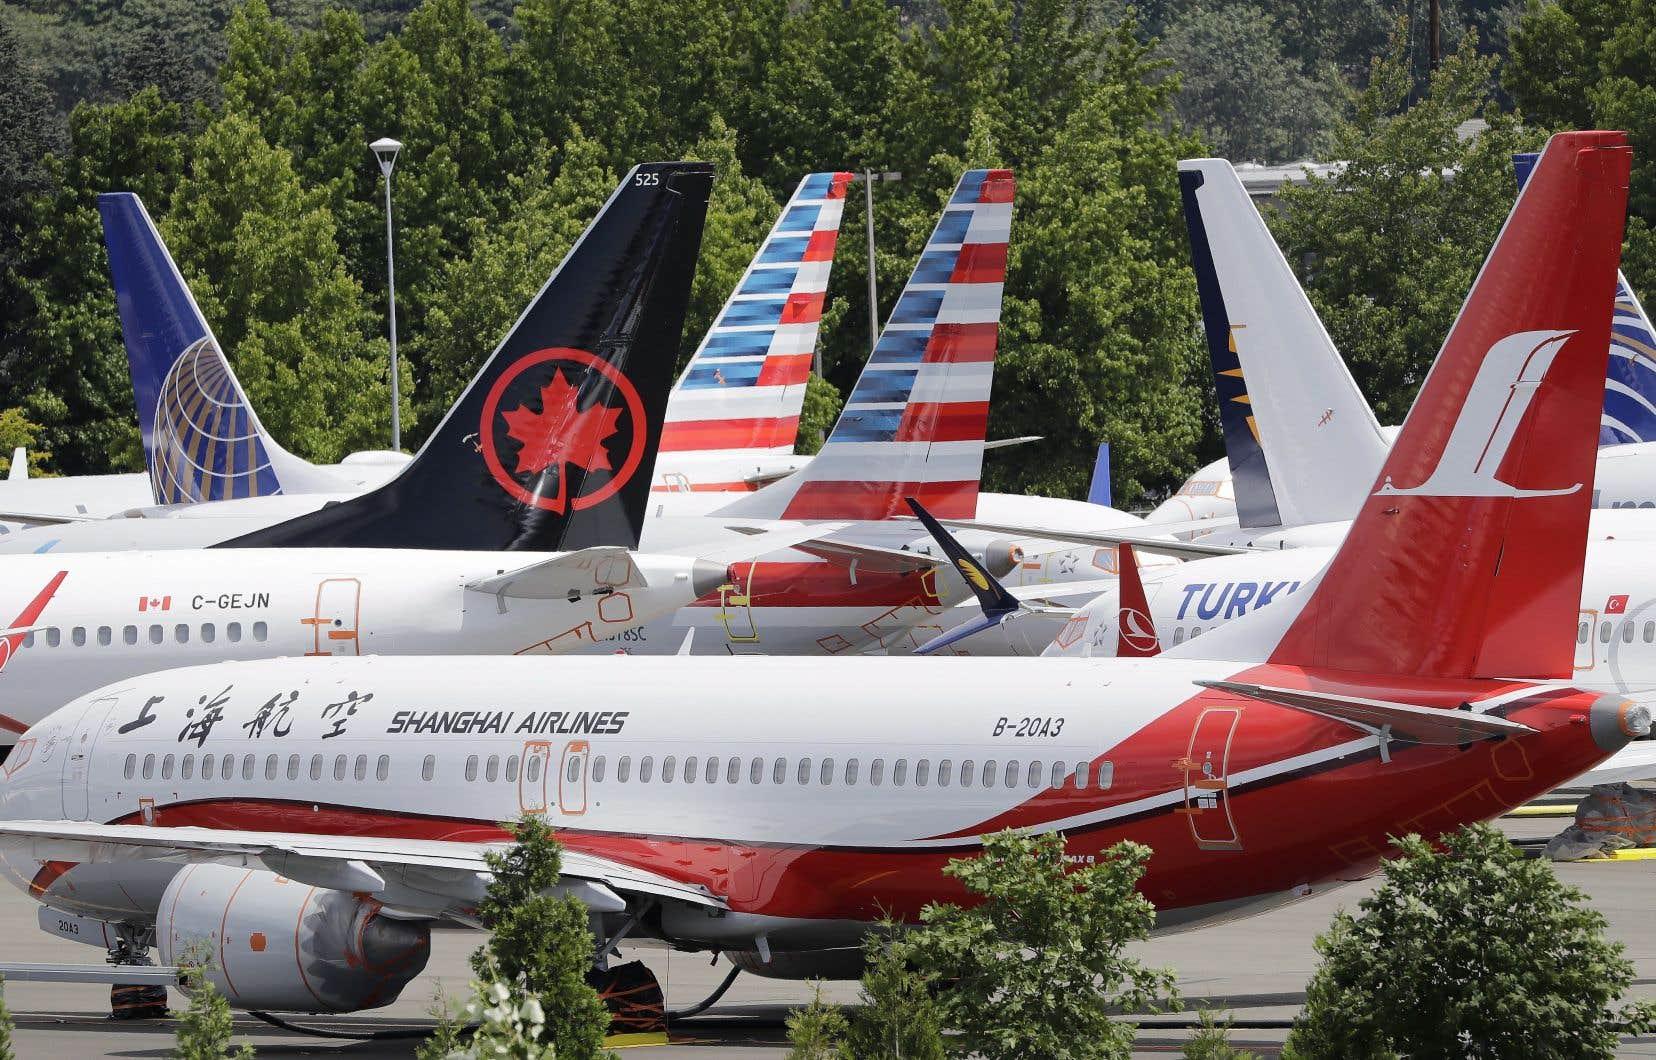 Le 737 MAX est cloué au sol partout dans le monde depuis plus de quatre mois, après deux accidents qui ont fait 346 morts.